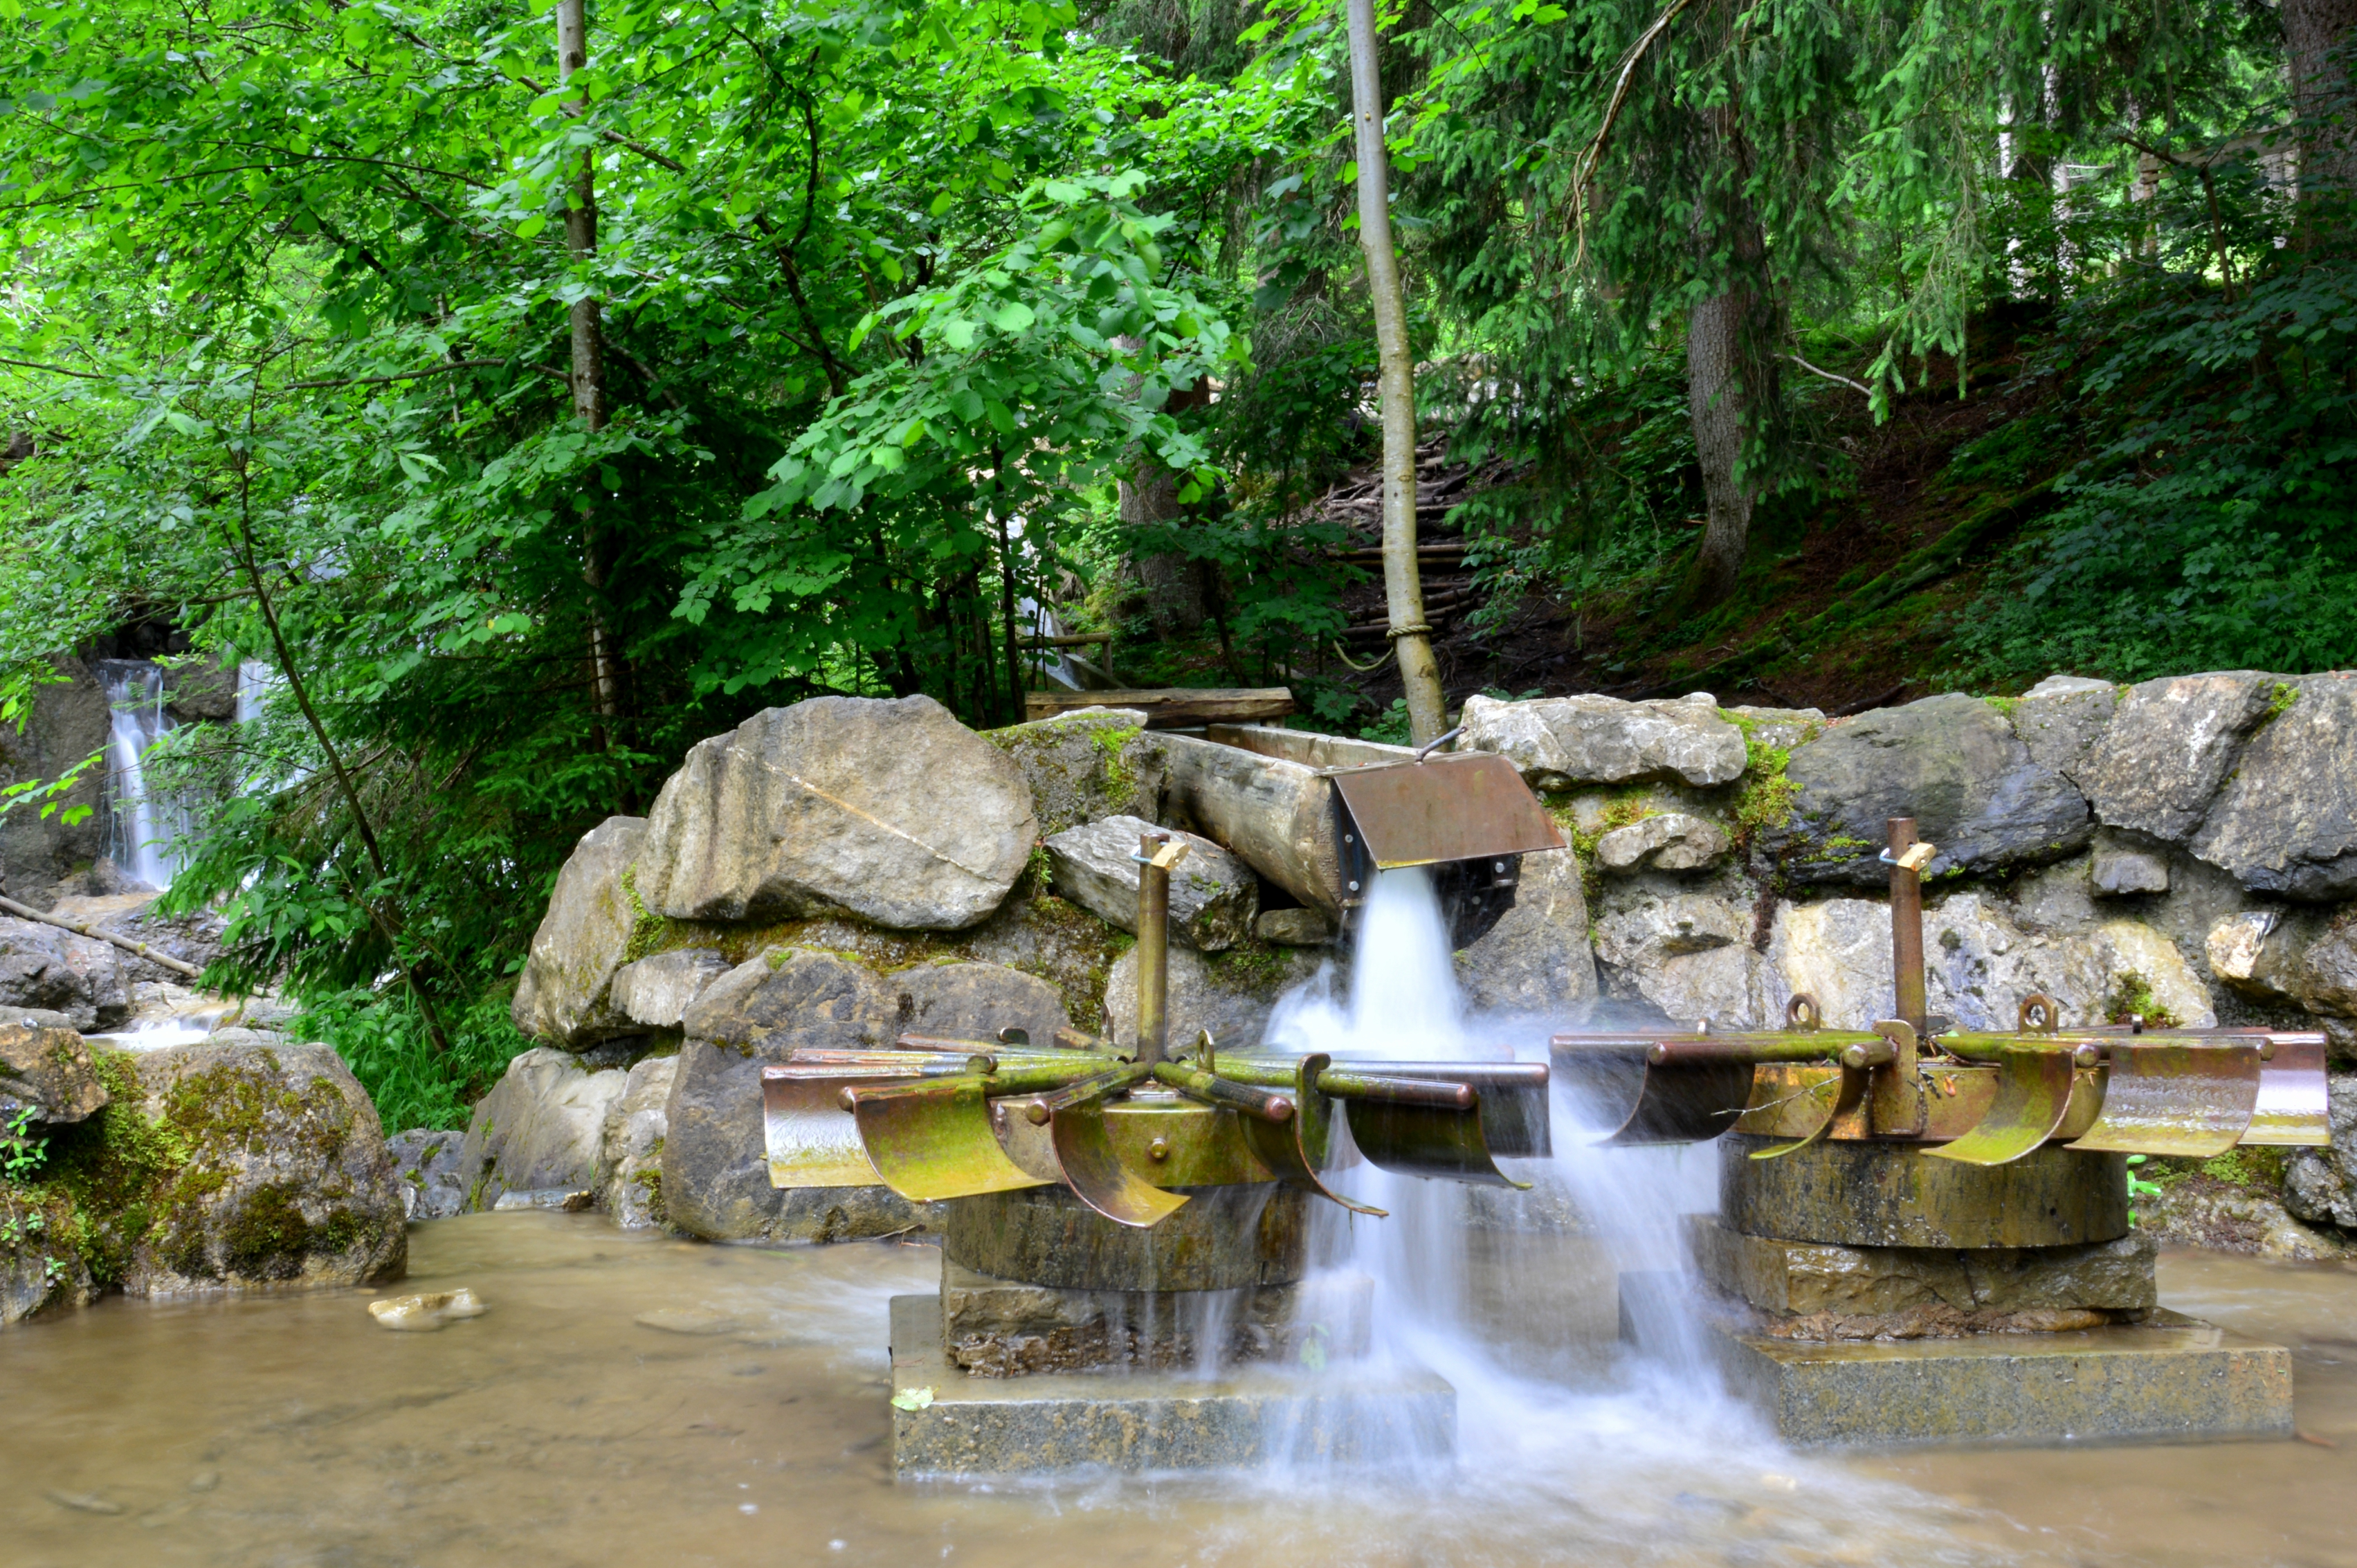 G0283 Wasserbrunnen am Waldseilgarten Kappel.jpg